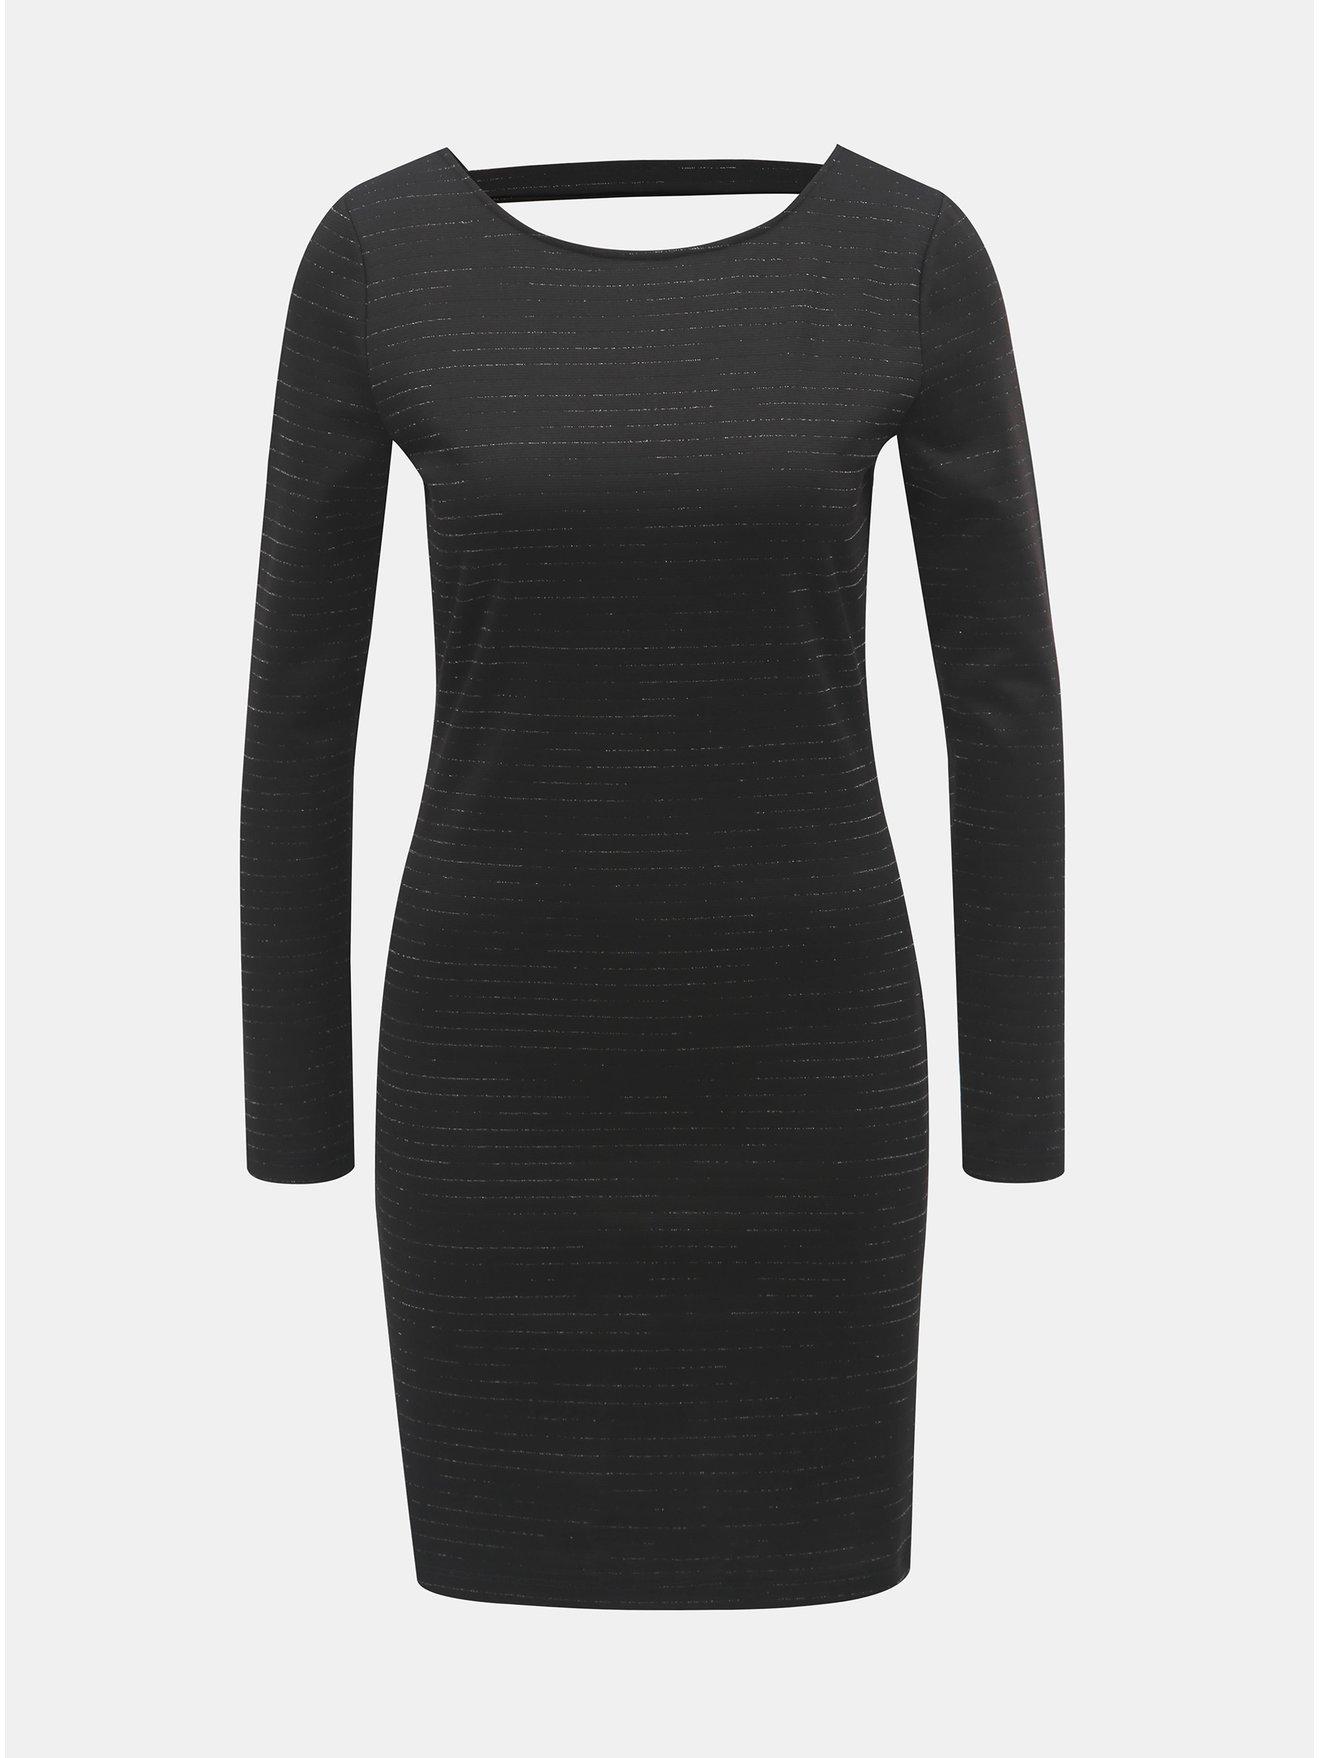 Černé minišaty s průstřihem na zádech a třpytivými pruhy Jacqueline de Yong Glitter